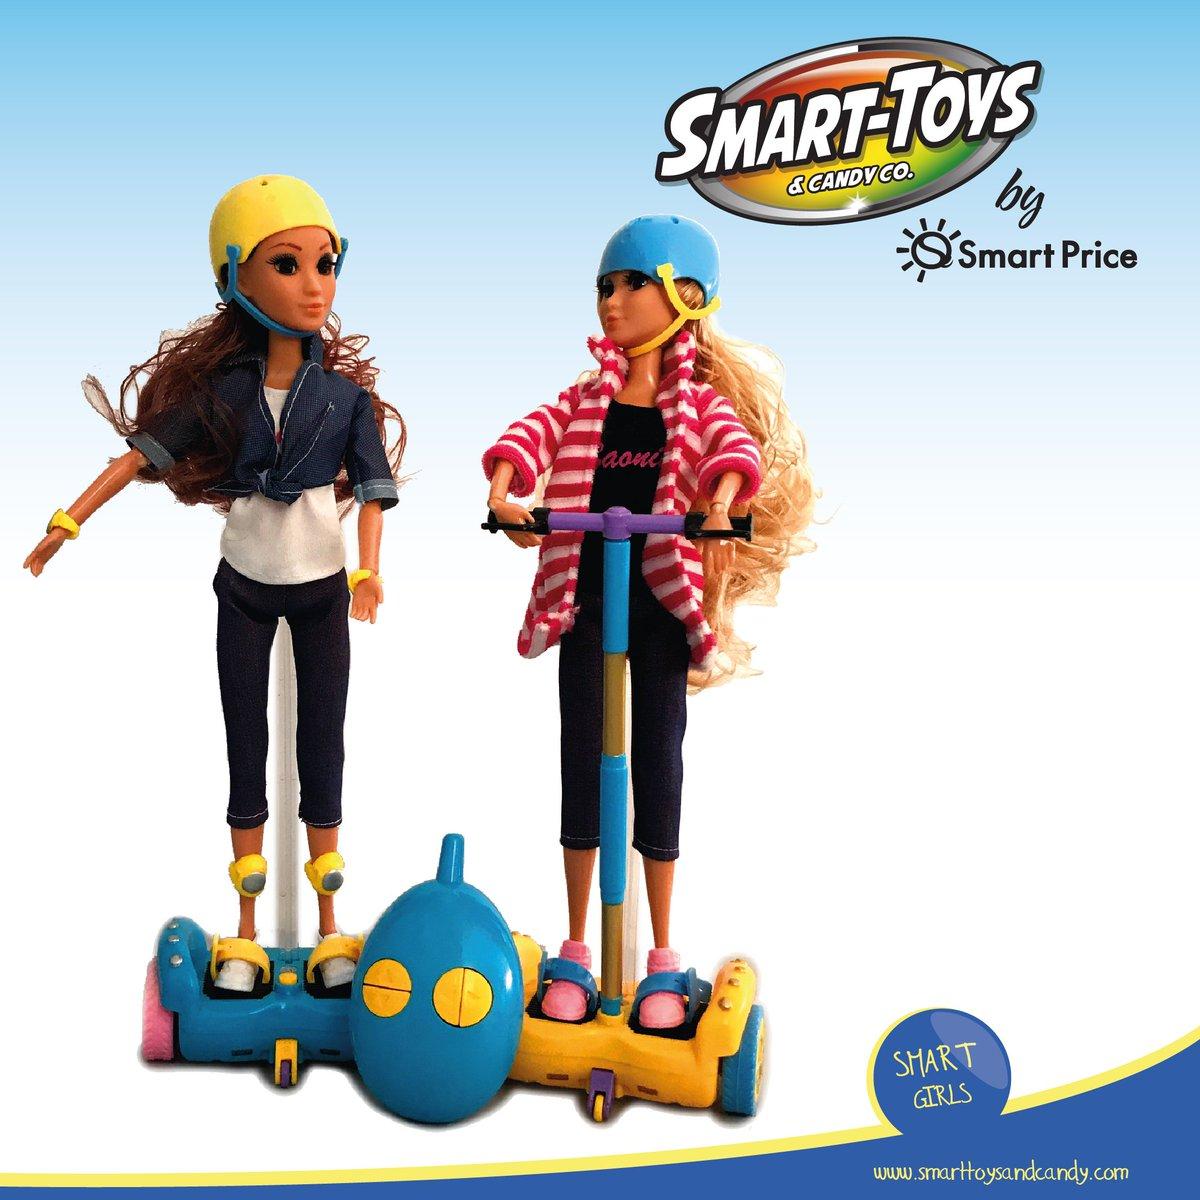 ¡Tus Smart Girls y tú se van a divertir como nunca, ya que traen su scooter que las llevará a todos lados! https://t.co/8KxJJ8INFh